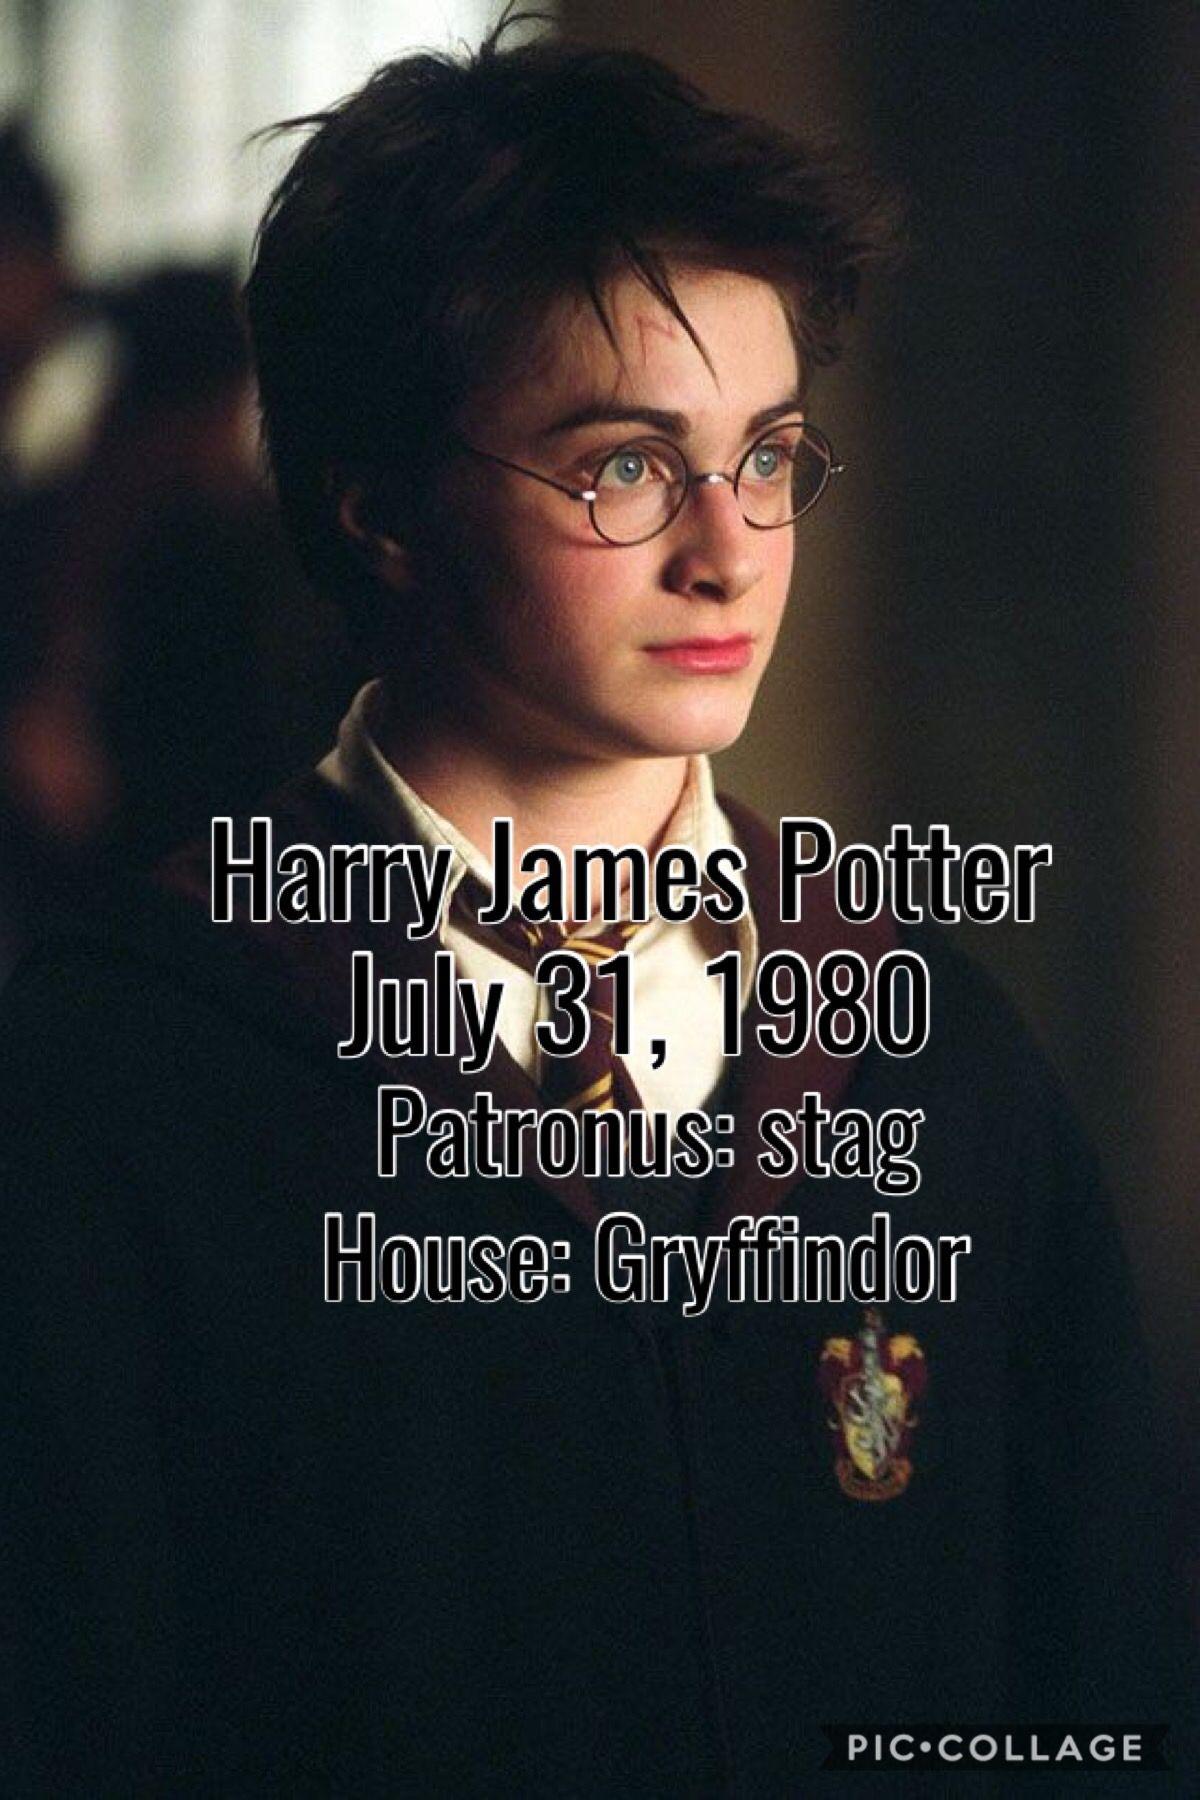 Harry Potter Harry Potter Scar Harry James Potter Harry Potter Facts